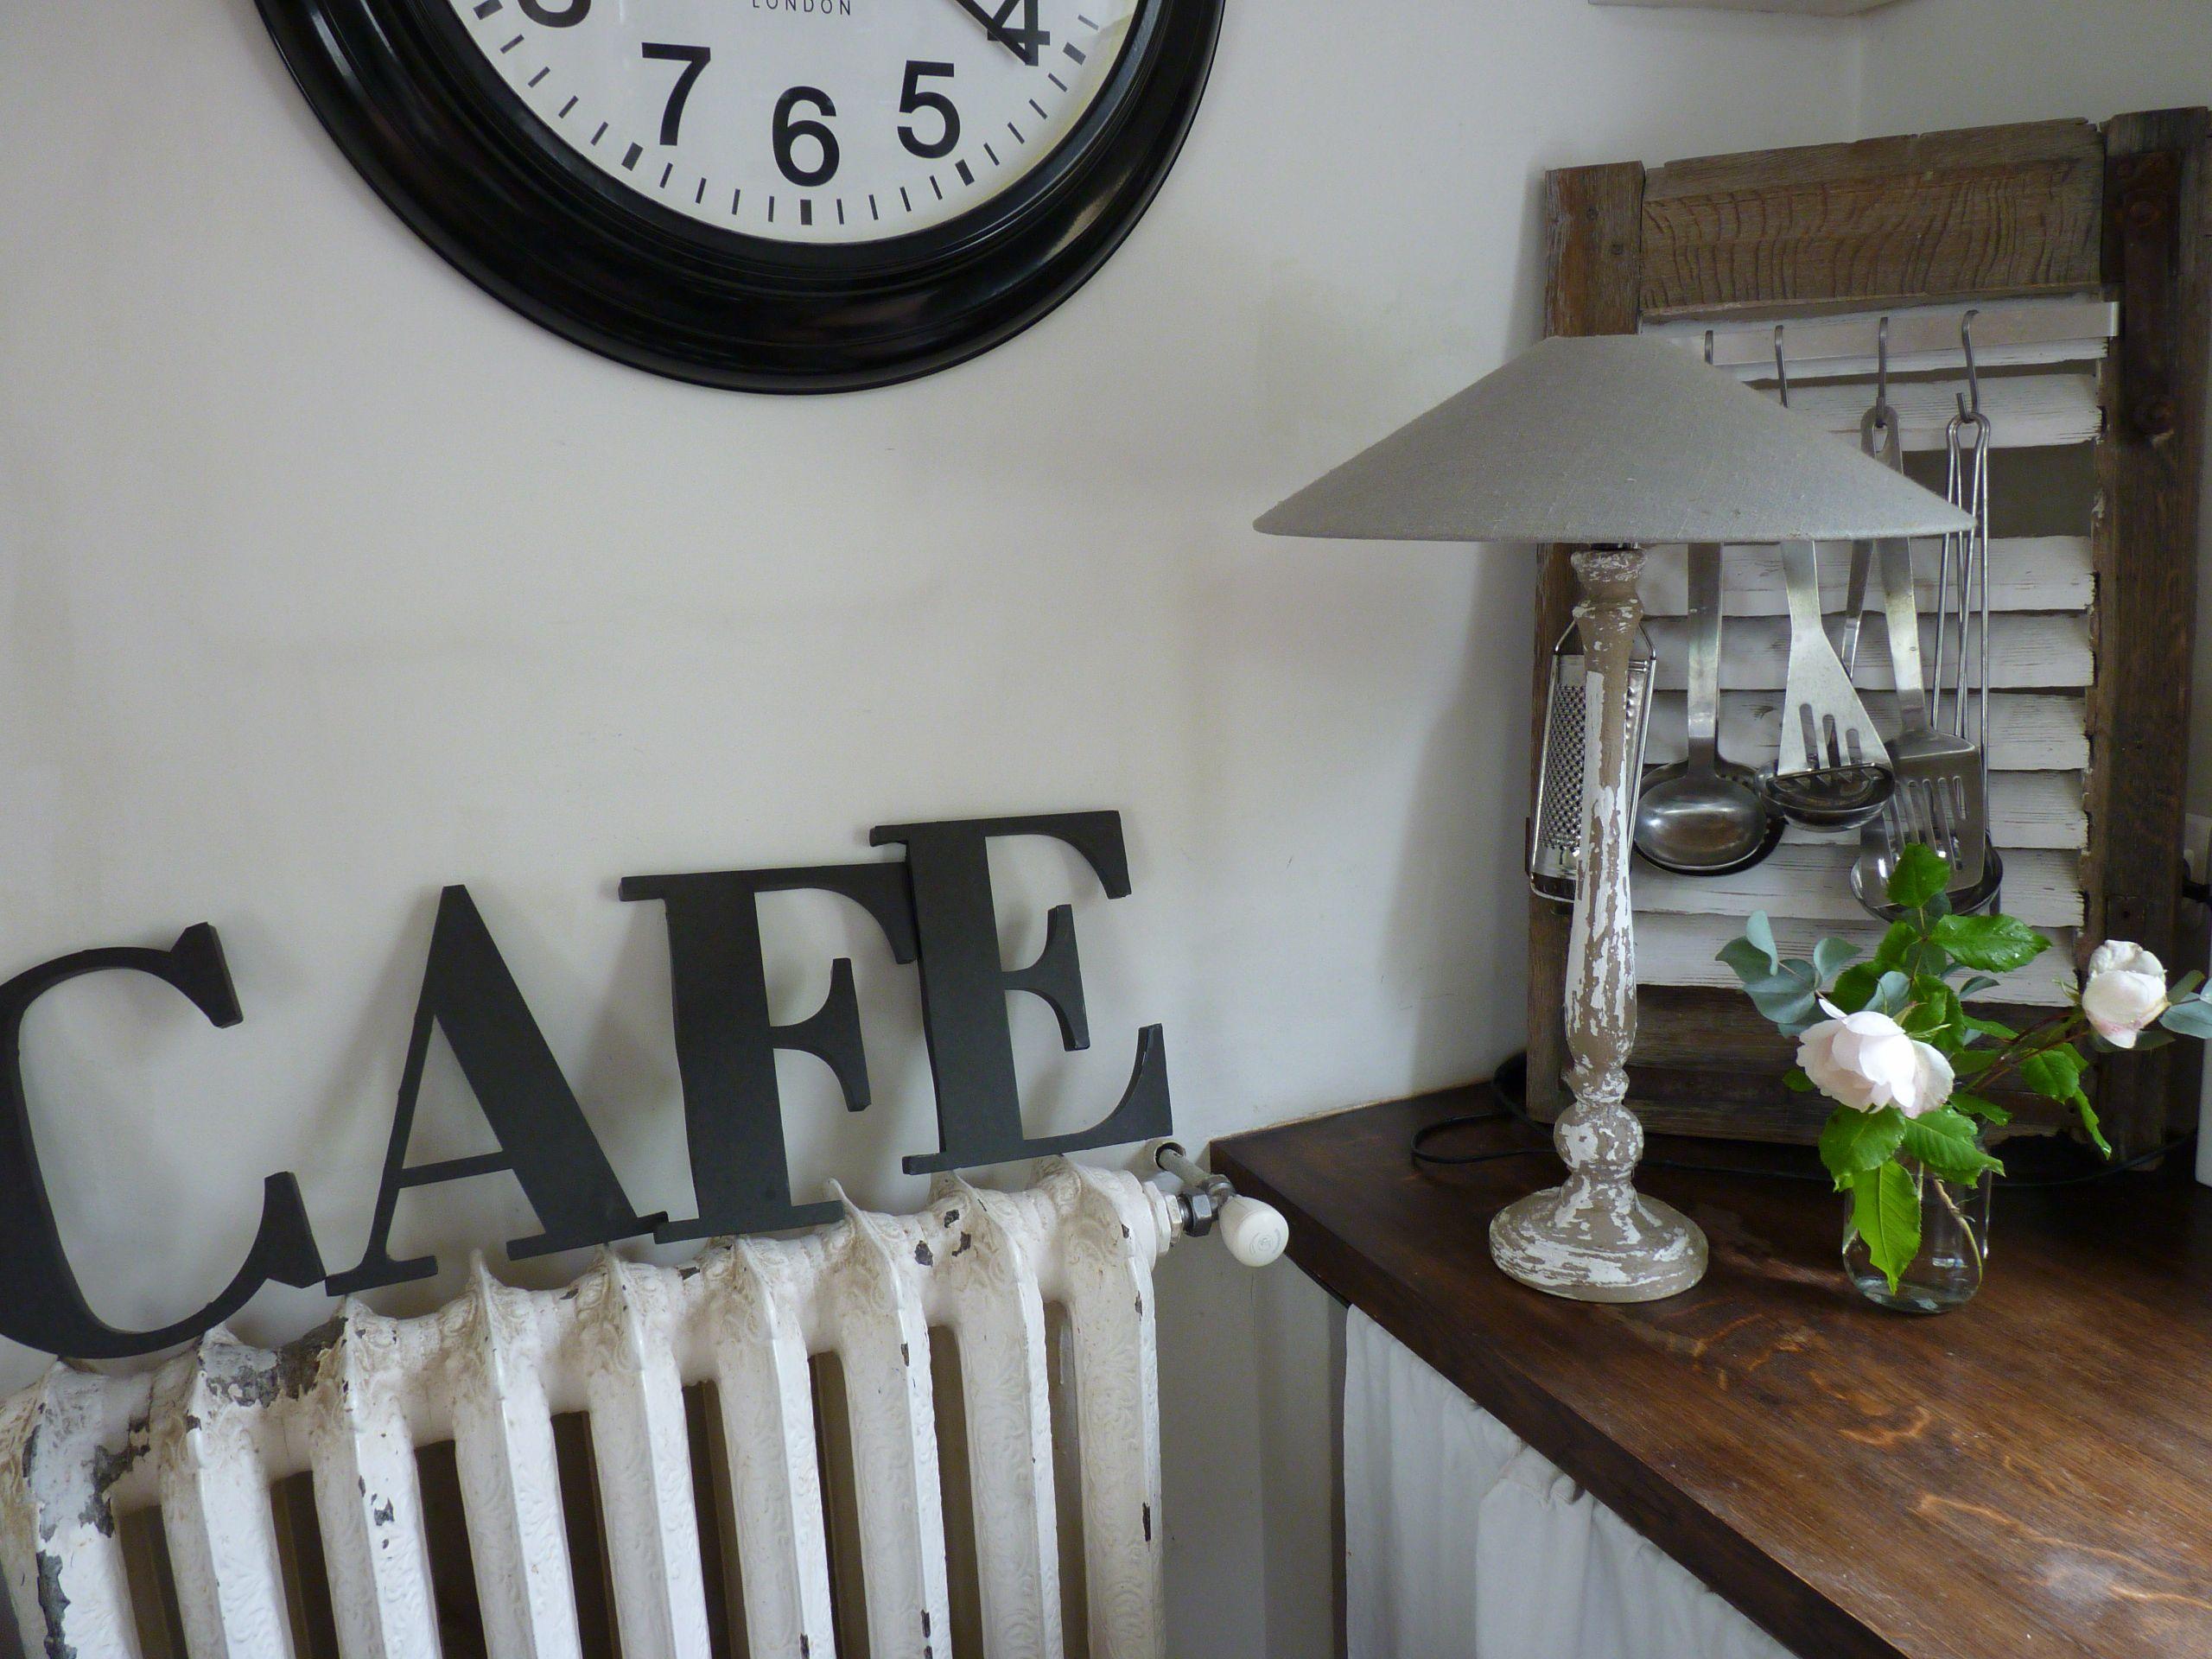 lettres justes posées sur le vieux radiateur de la cuisine